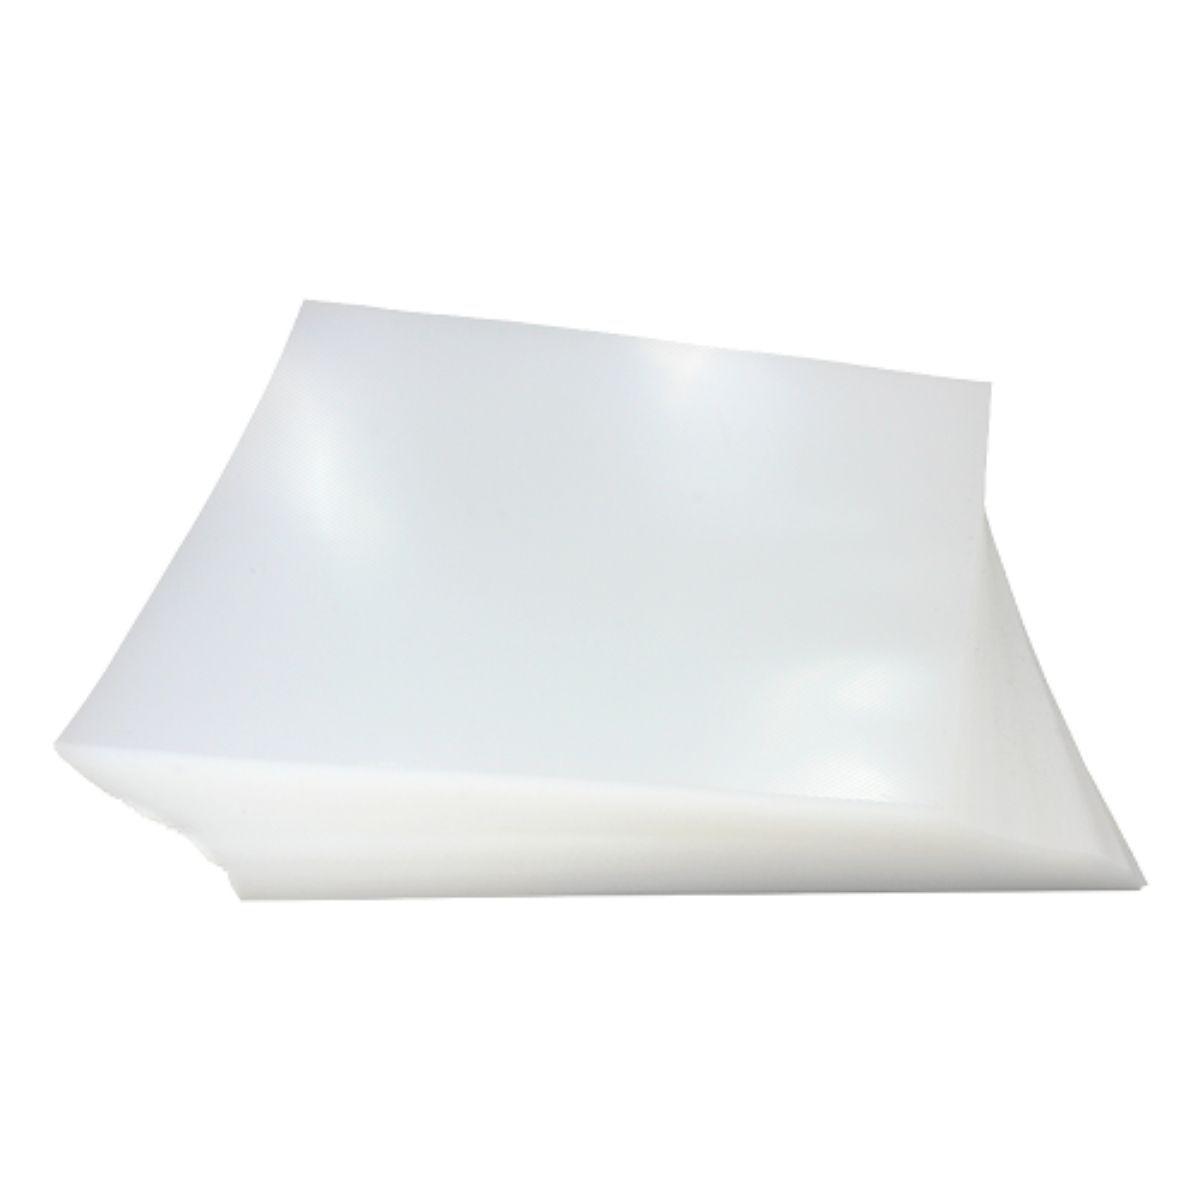 Capa Para Encadernação PP 0,30mm Oficio Transparente (Cristal) Line (Frente) - Pacote com 100 Unidades  - Click Suprimentos